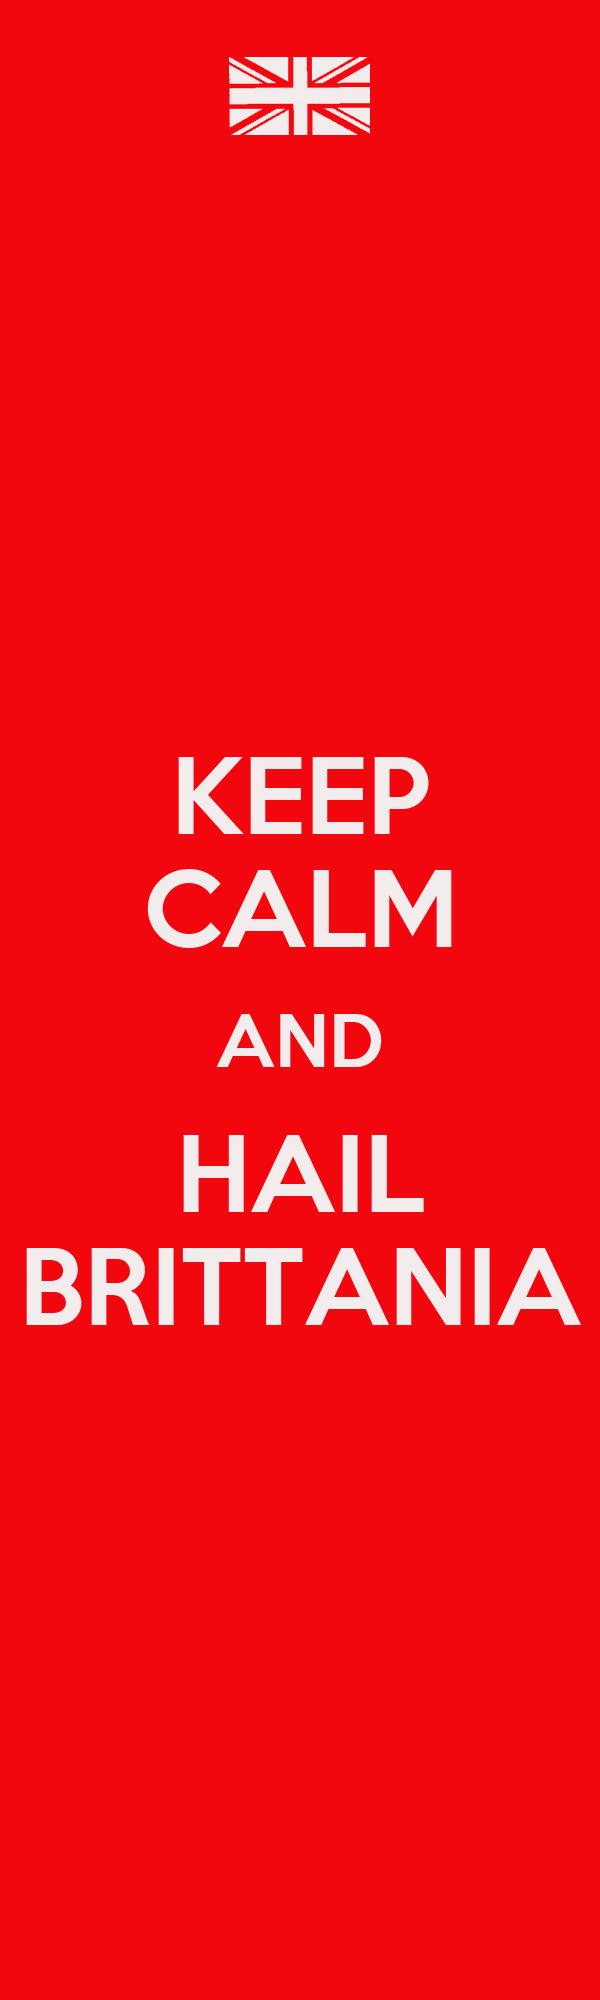 KEEP CALM AND HAIL BRITTANIA